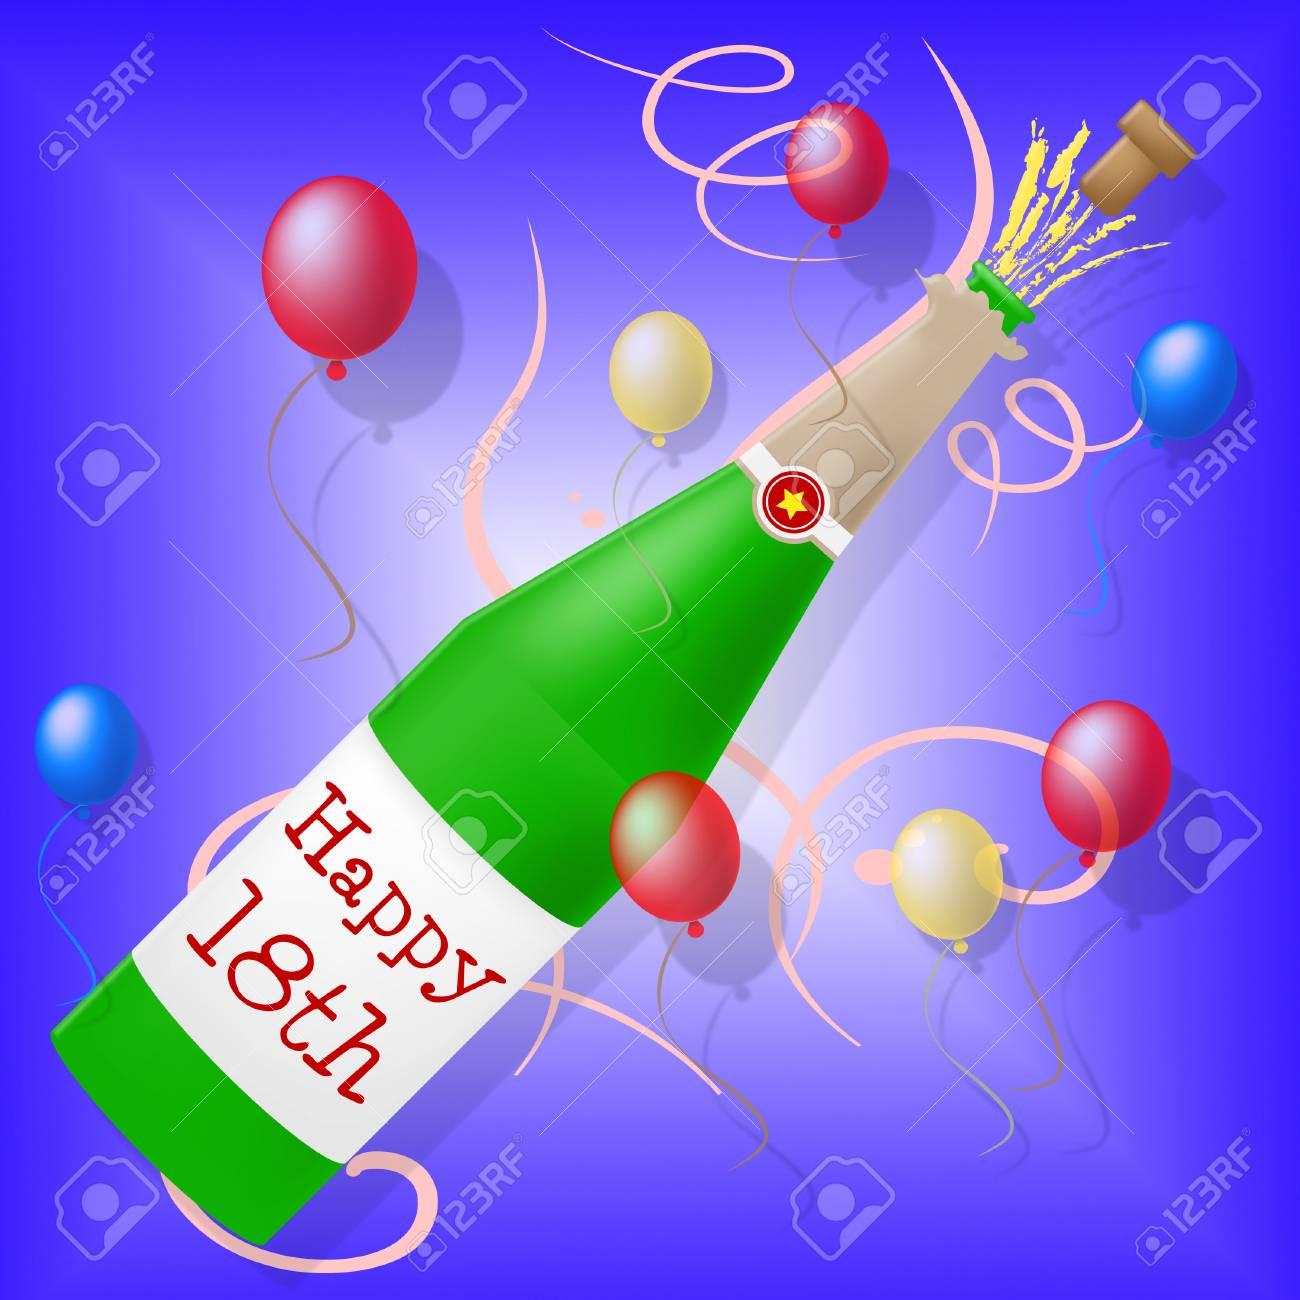 Alles Gute Zum Achtzehnten Geburtstag Vertretung Partei Feiern Und